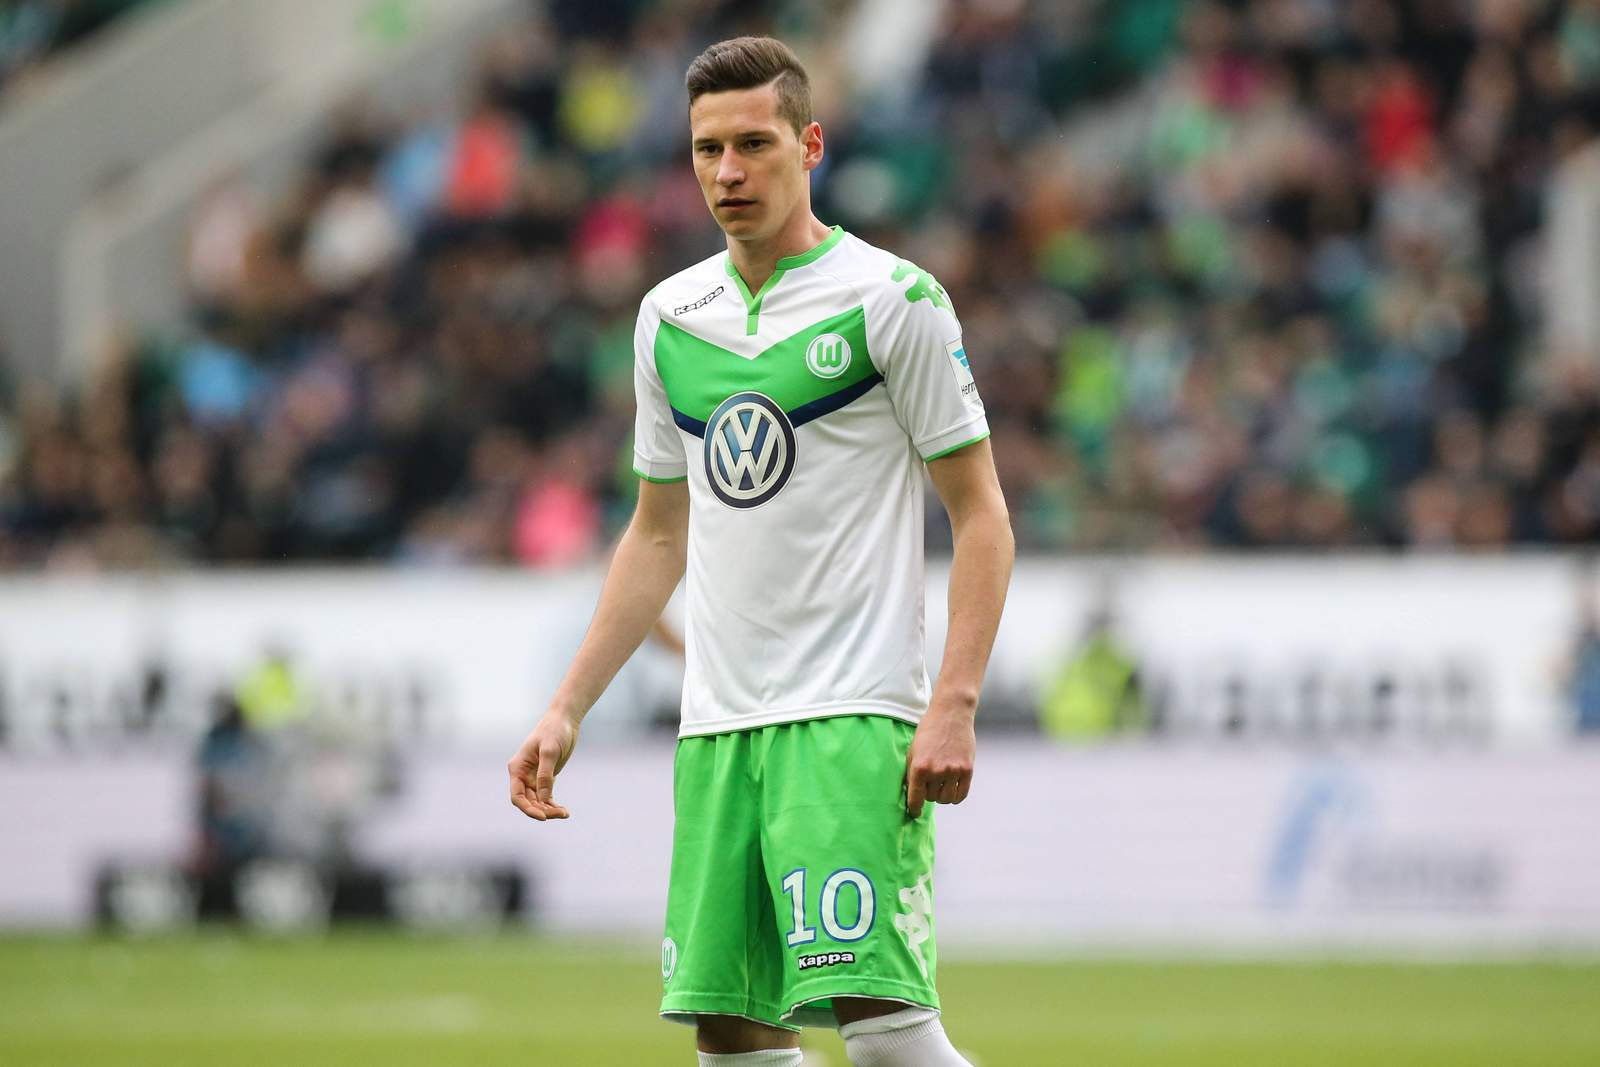 Julian Draxler im VfL-Trikot. Jetzt auf Ingolstadt gegen Wolfsburg wetten!